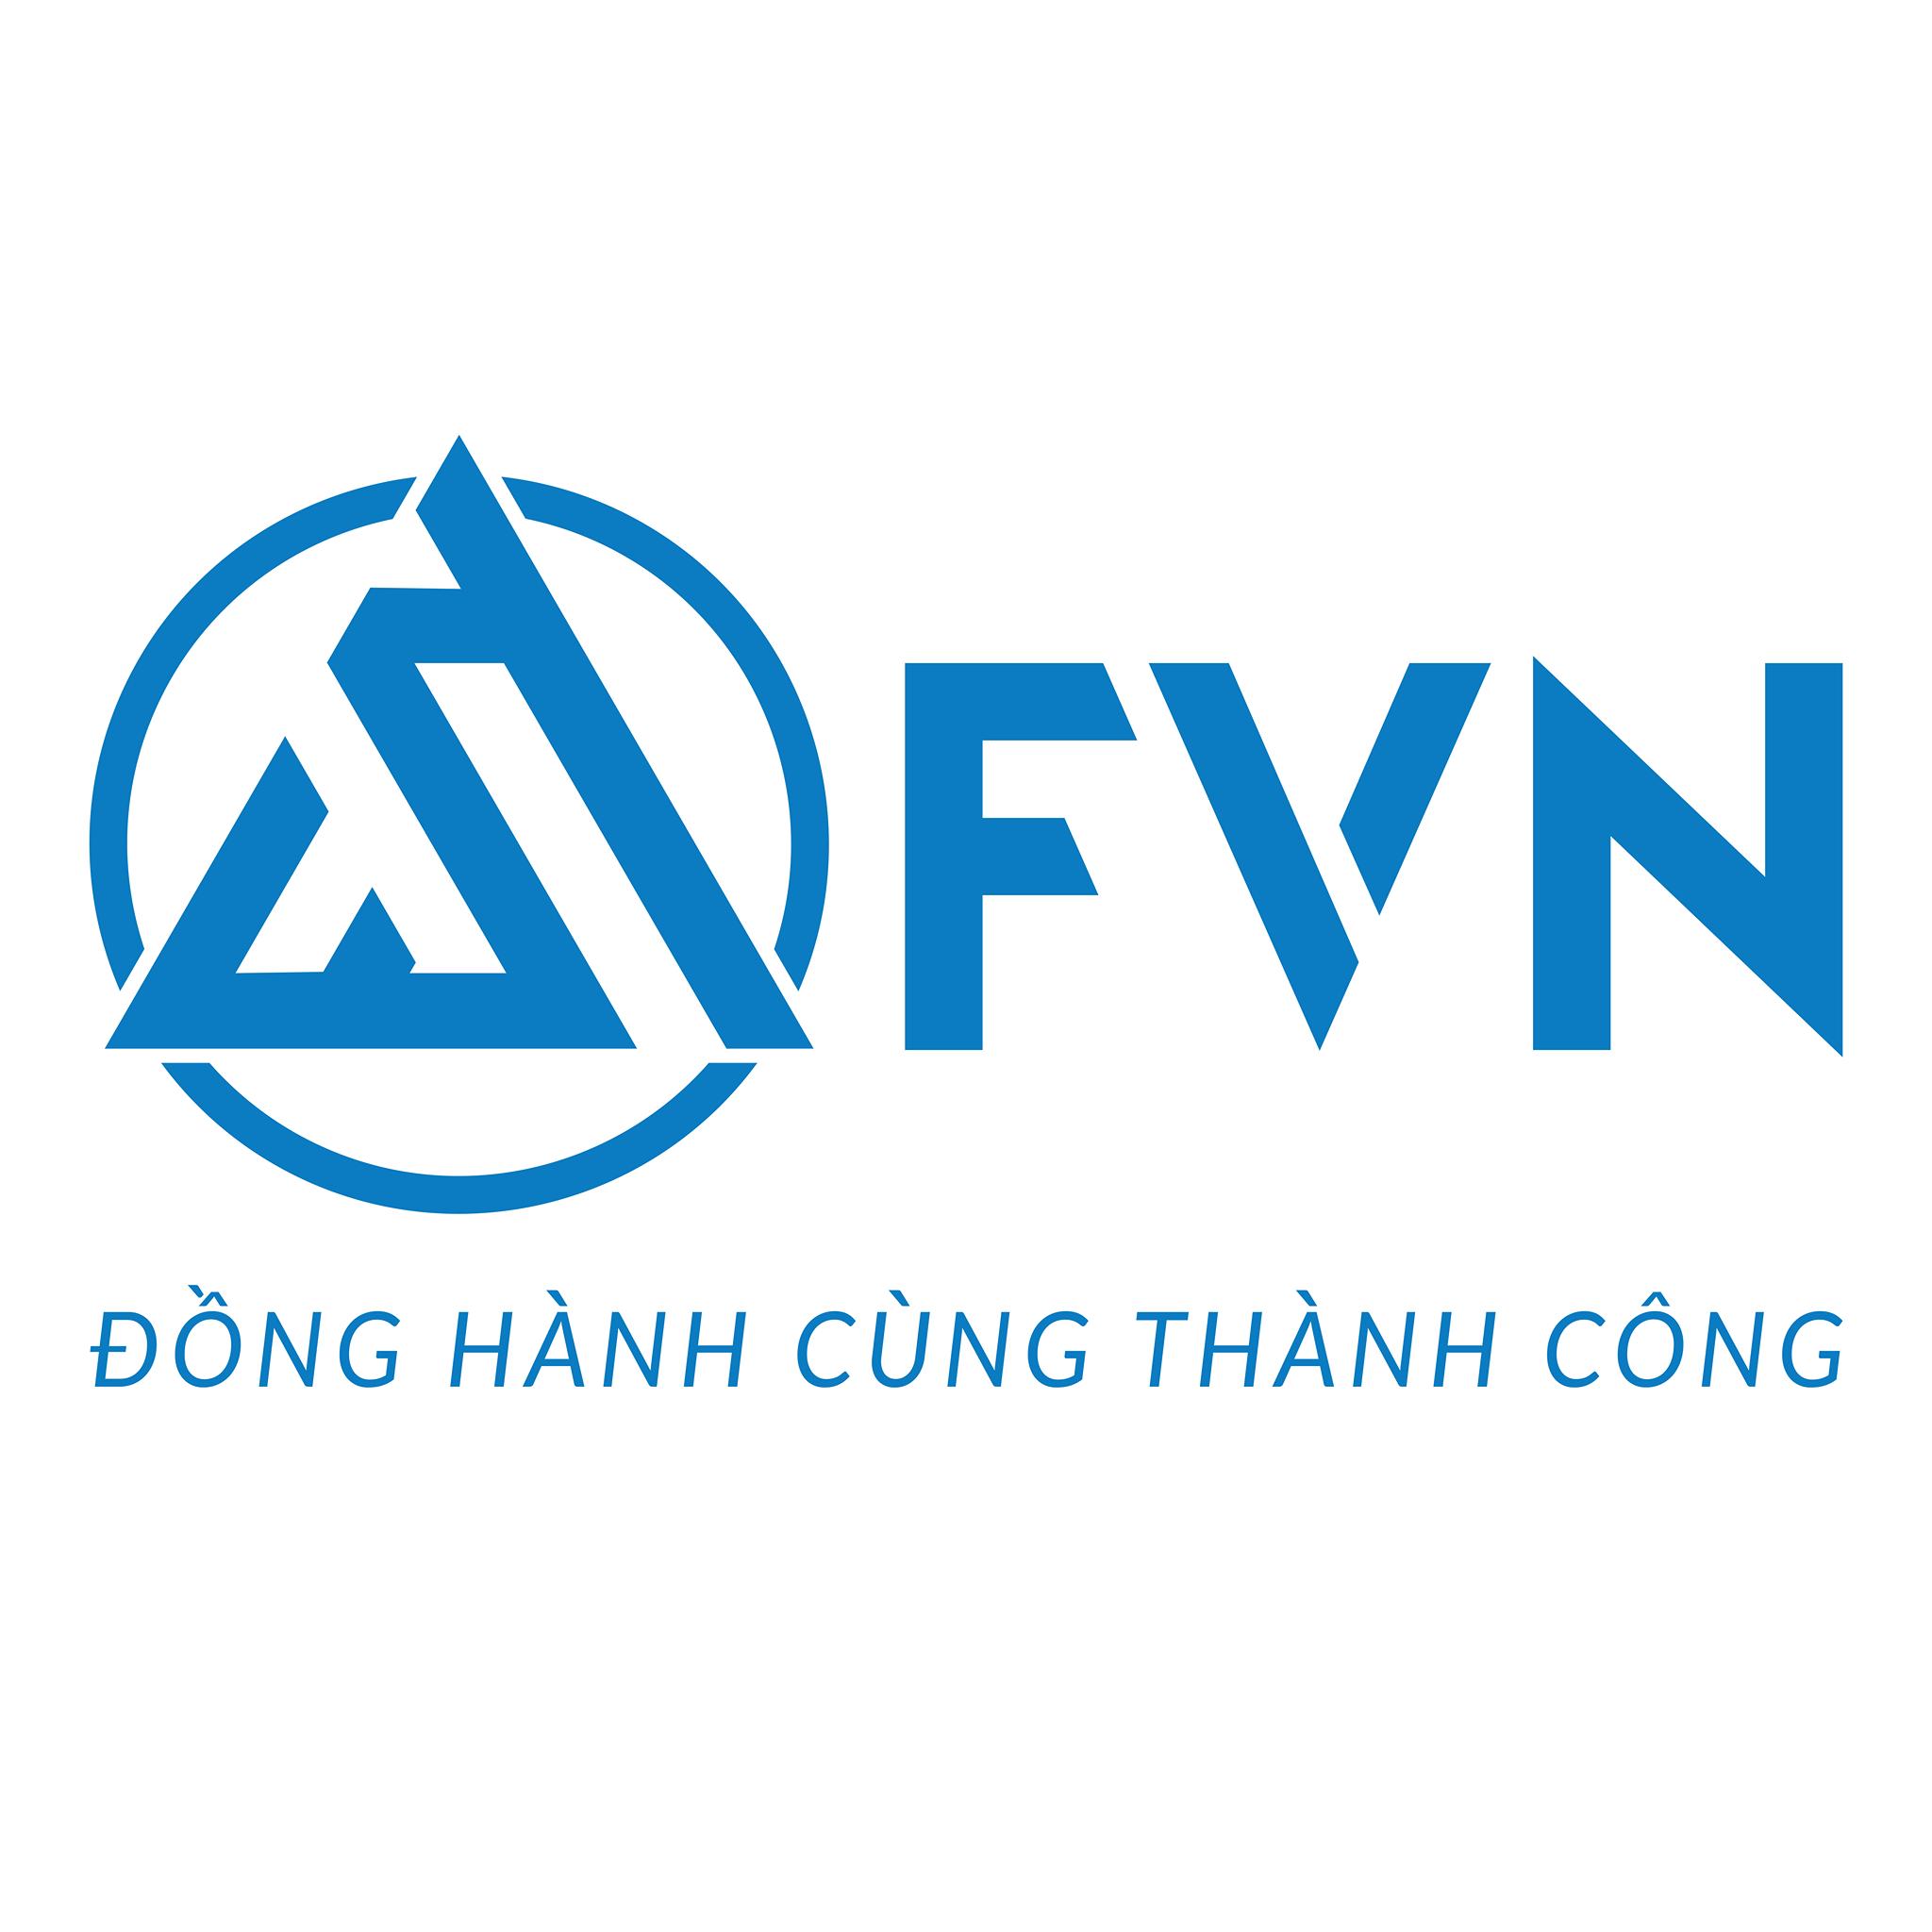 CÔNG TY CỔ PHẦN ĐẦU TƯ FVN QUỐC TẾ